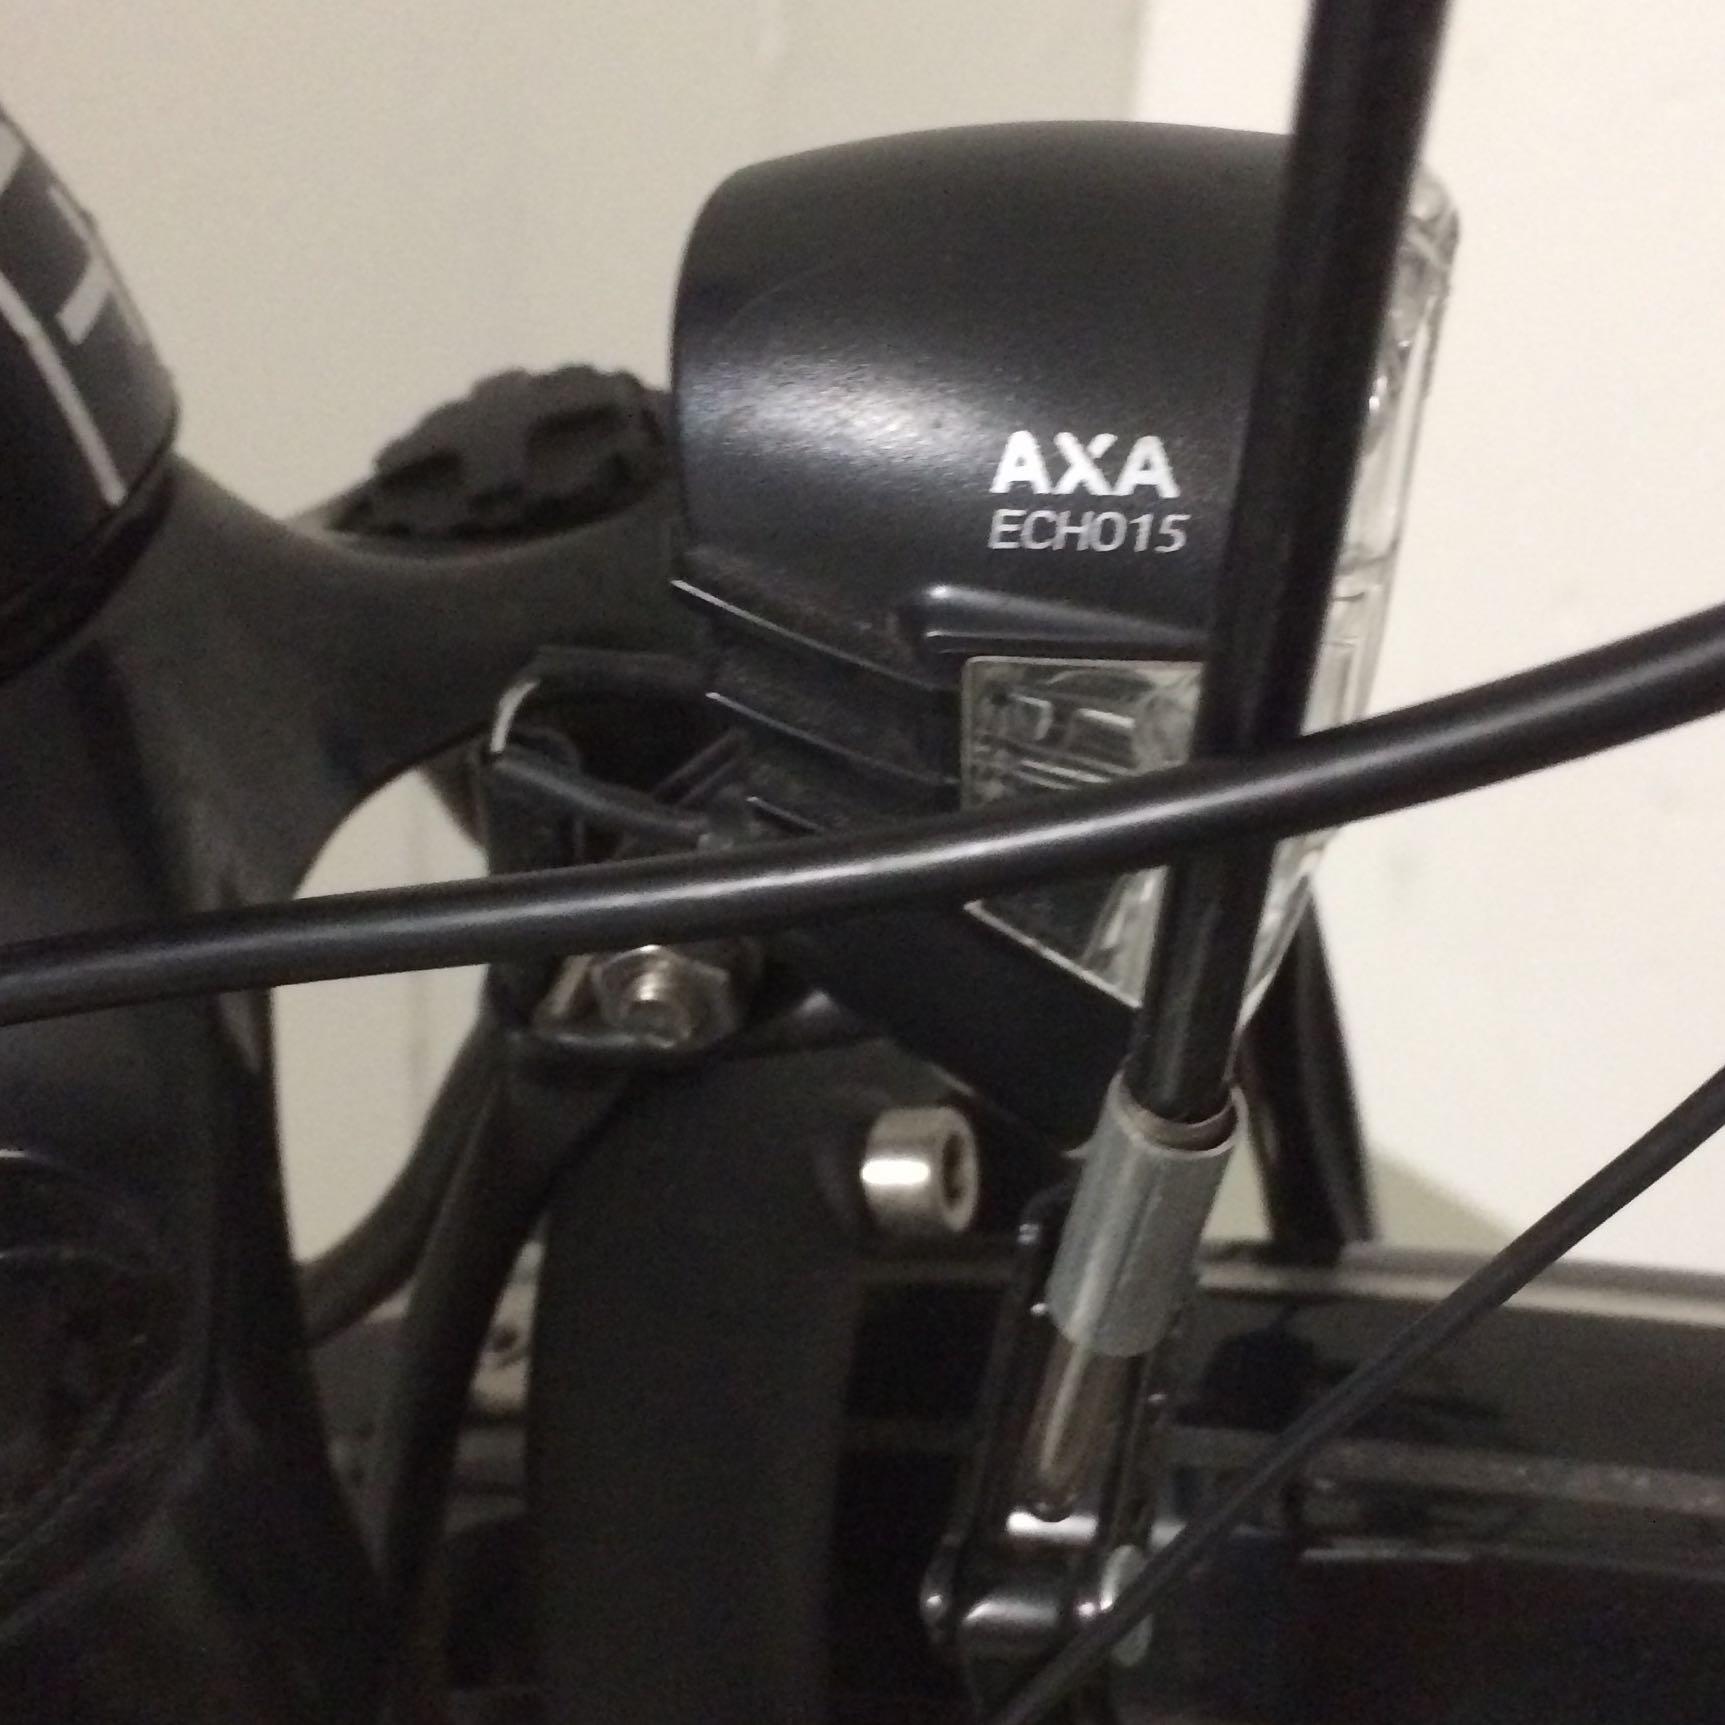 fahrrad licht wechseln leicht technik sport reparatur. Black Bedroom Furniture Sets. Home Design Ideas